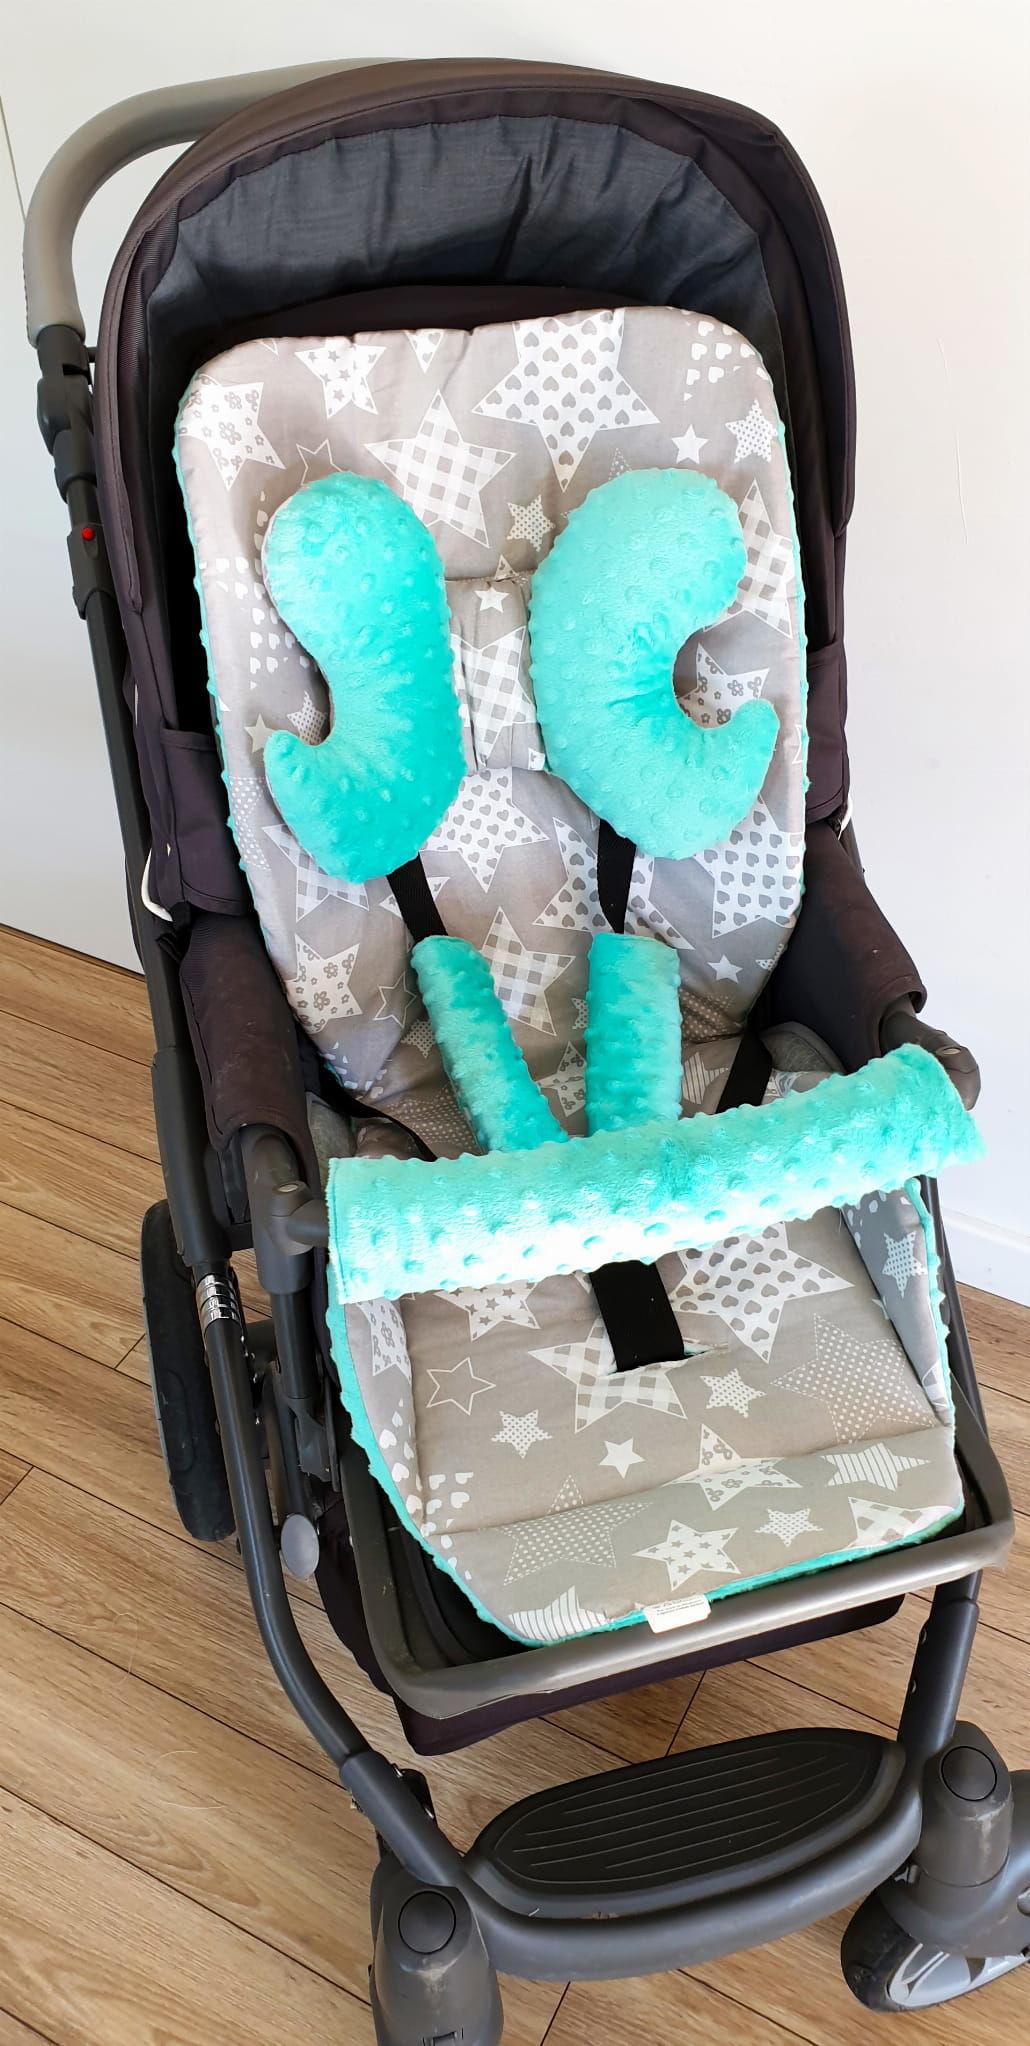 Wkładka do wózka, ochraniacze na pasy i pałąk + motylek duże gwiazdy